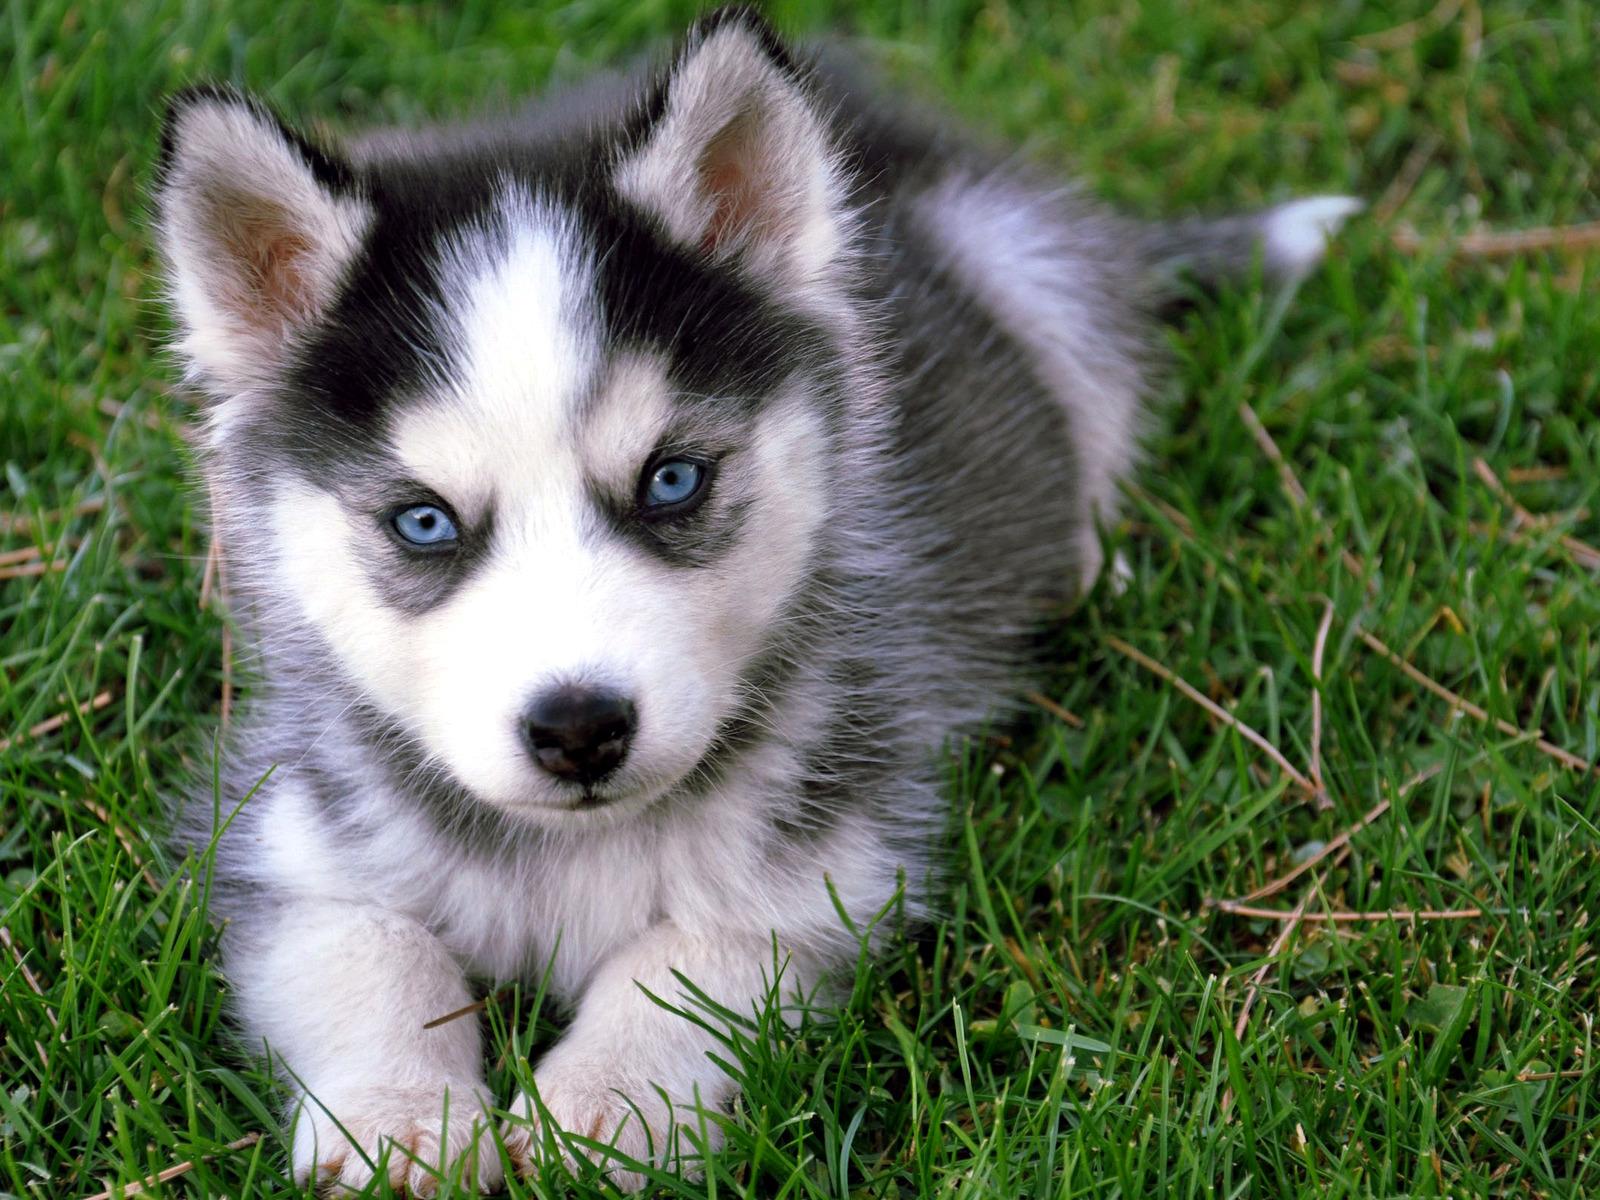 Husky puppy-1-.jpg  Dragon Story Wiki  Fandom powered by Wikia